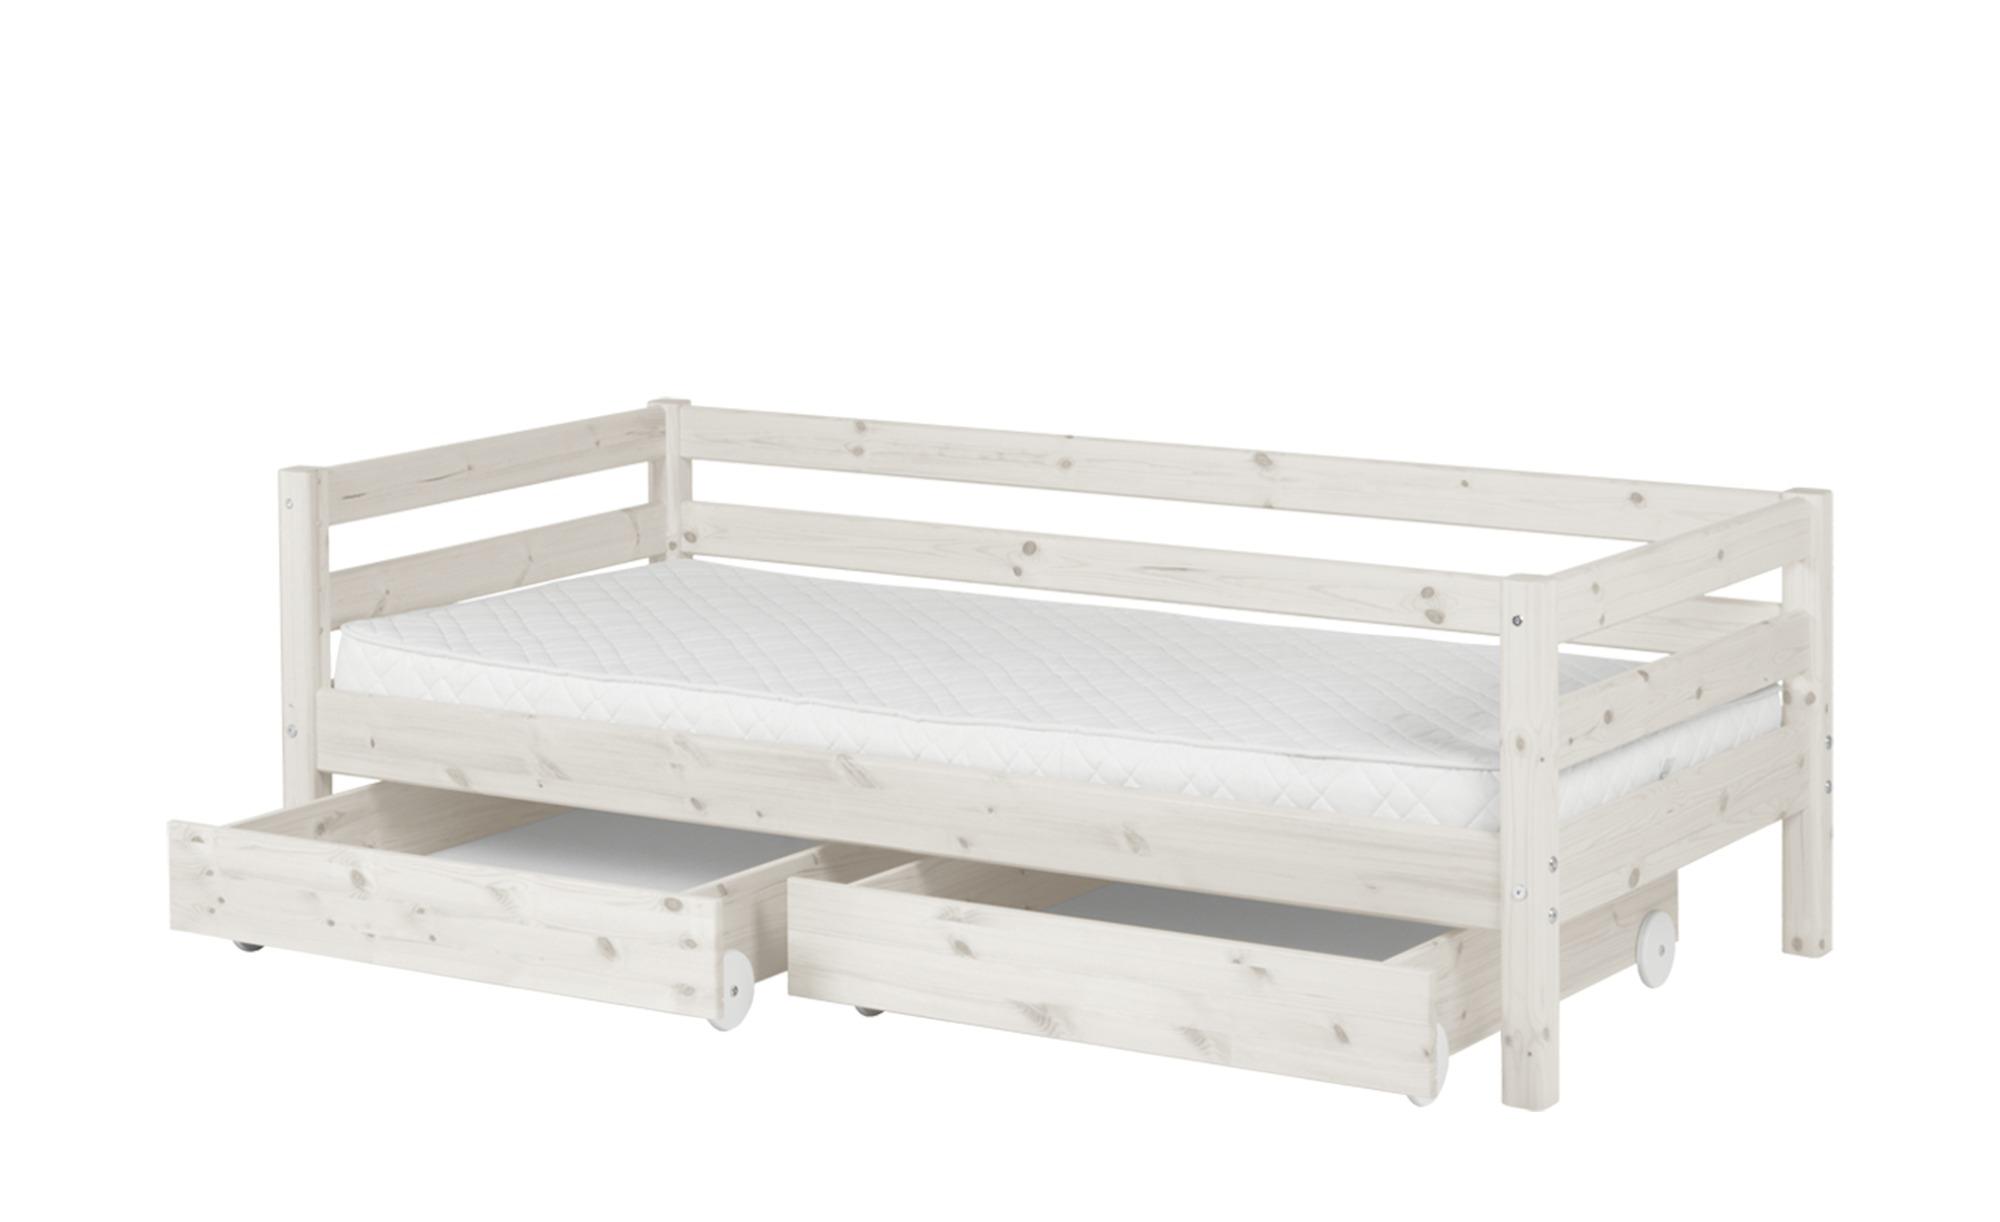 Full Size of Flexa Bett Mit 2 Schubladen 90x200 Wei Kiefer Classic Rückenlehne Amerikanisches Amerikanische Betten Tojo V Weiß Esstisch Ausziehbar Badezimmer Hochschrank Bett Bett Mit Schubladen Weiß